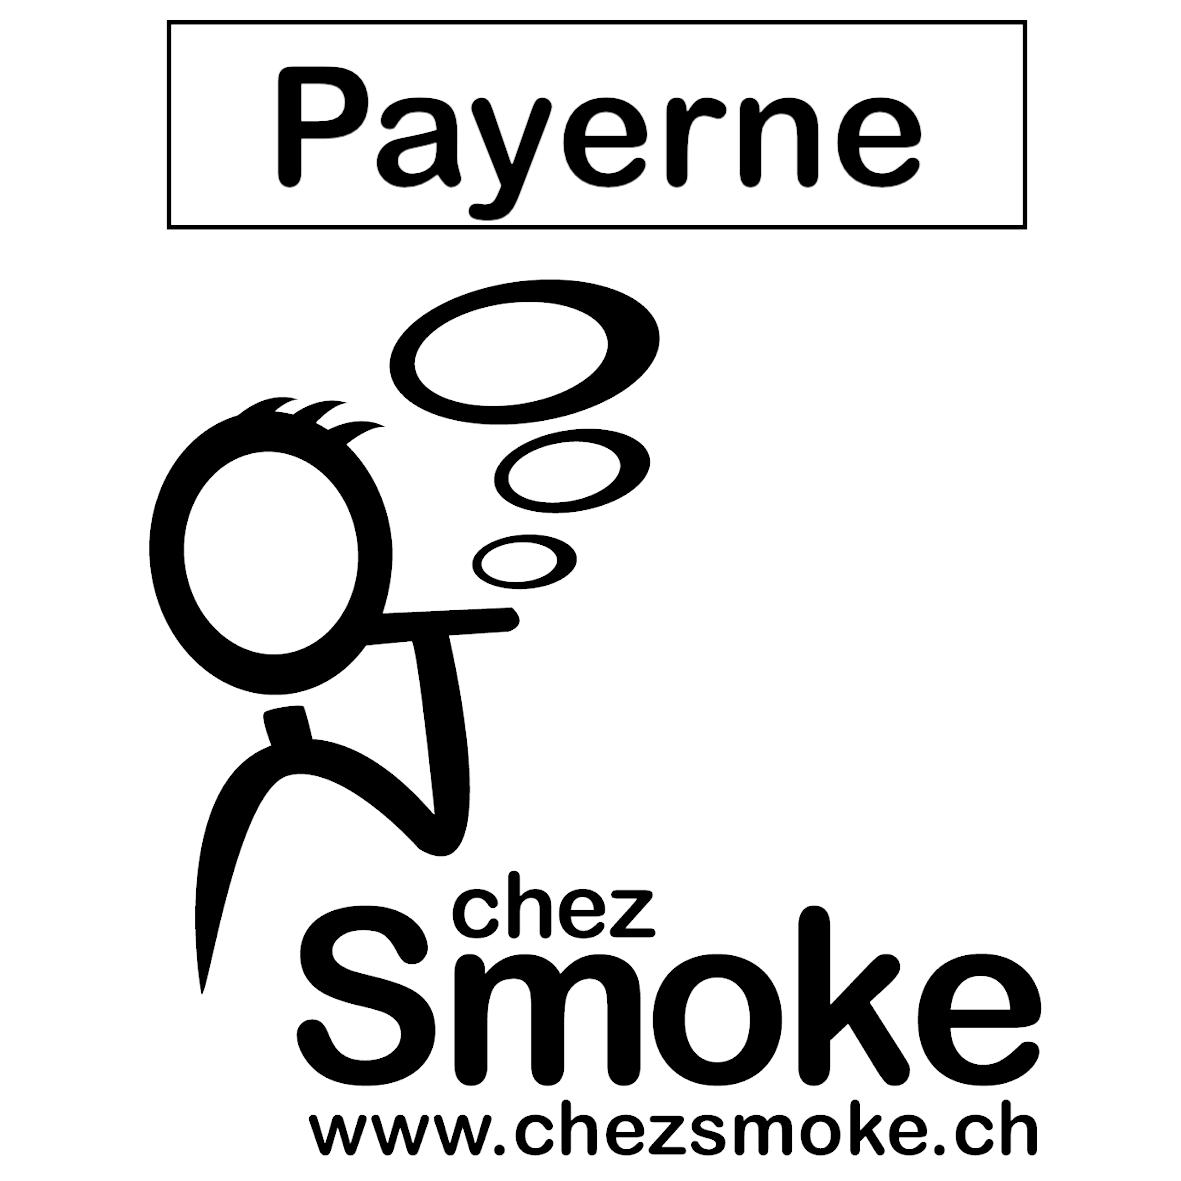 Boutique de vape spécialisée CHEZ SMOKE située à PAYERNE